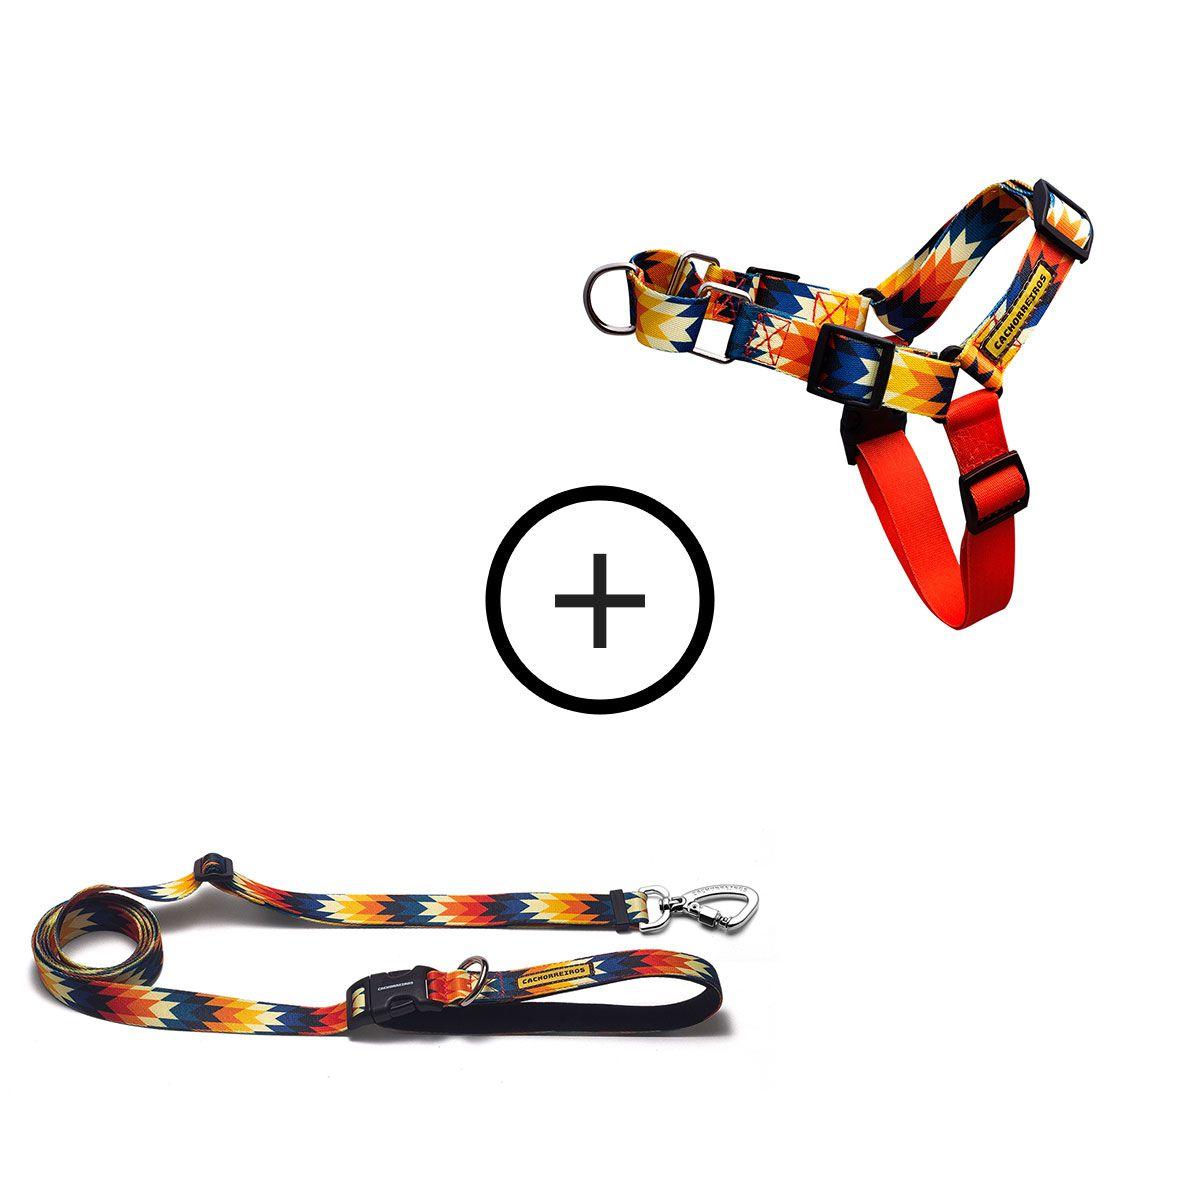 Kit para Correr com o Cachorro: Peitoral Anti-Puxão + Guia Running Inti